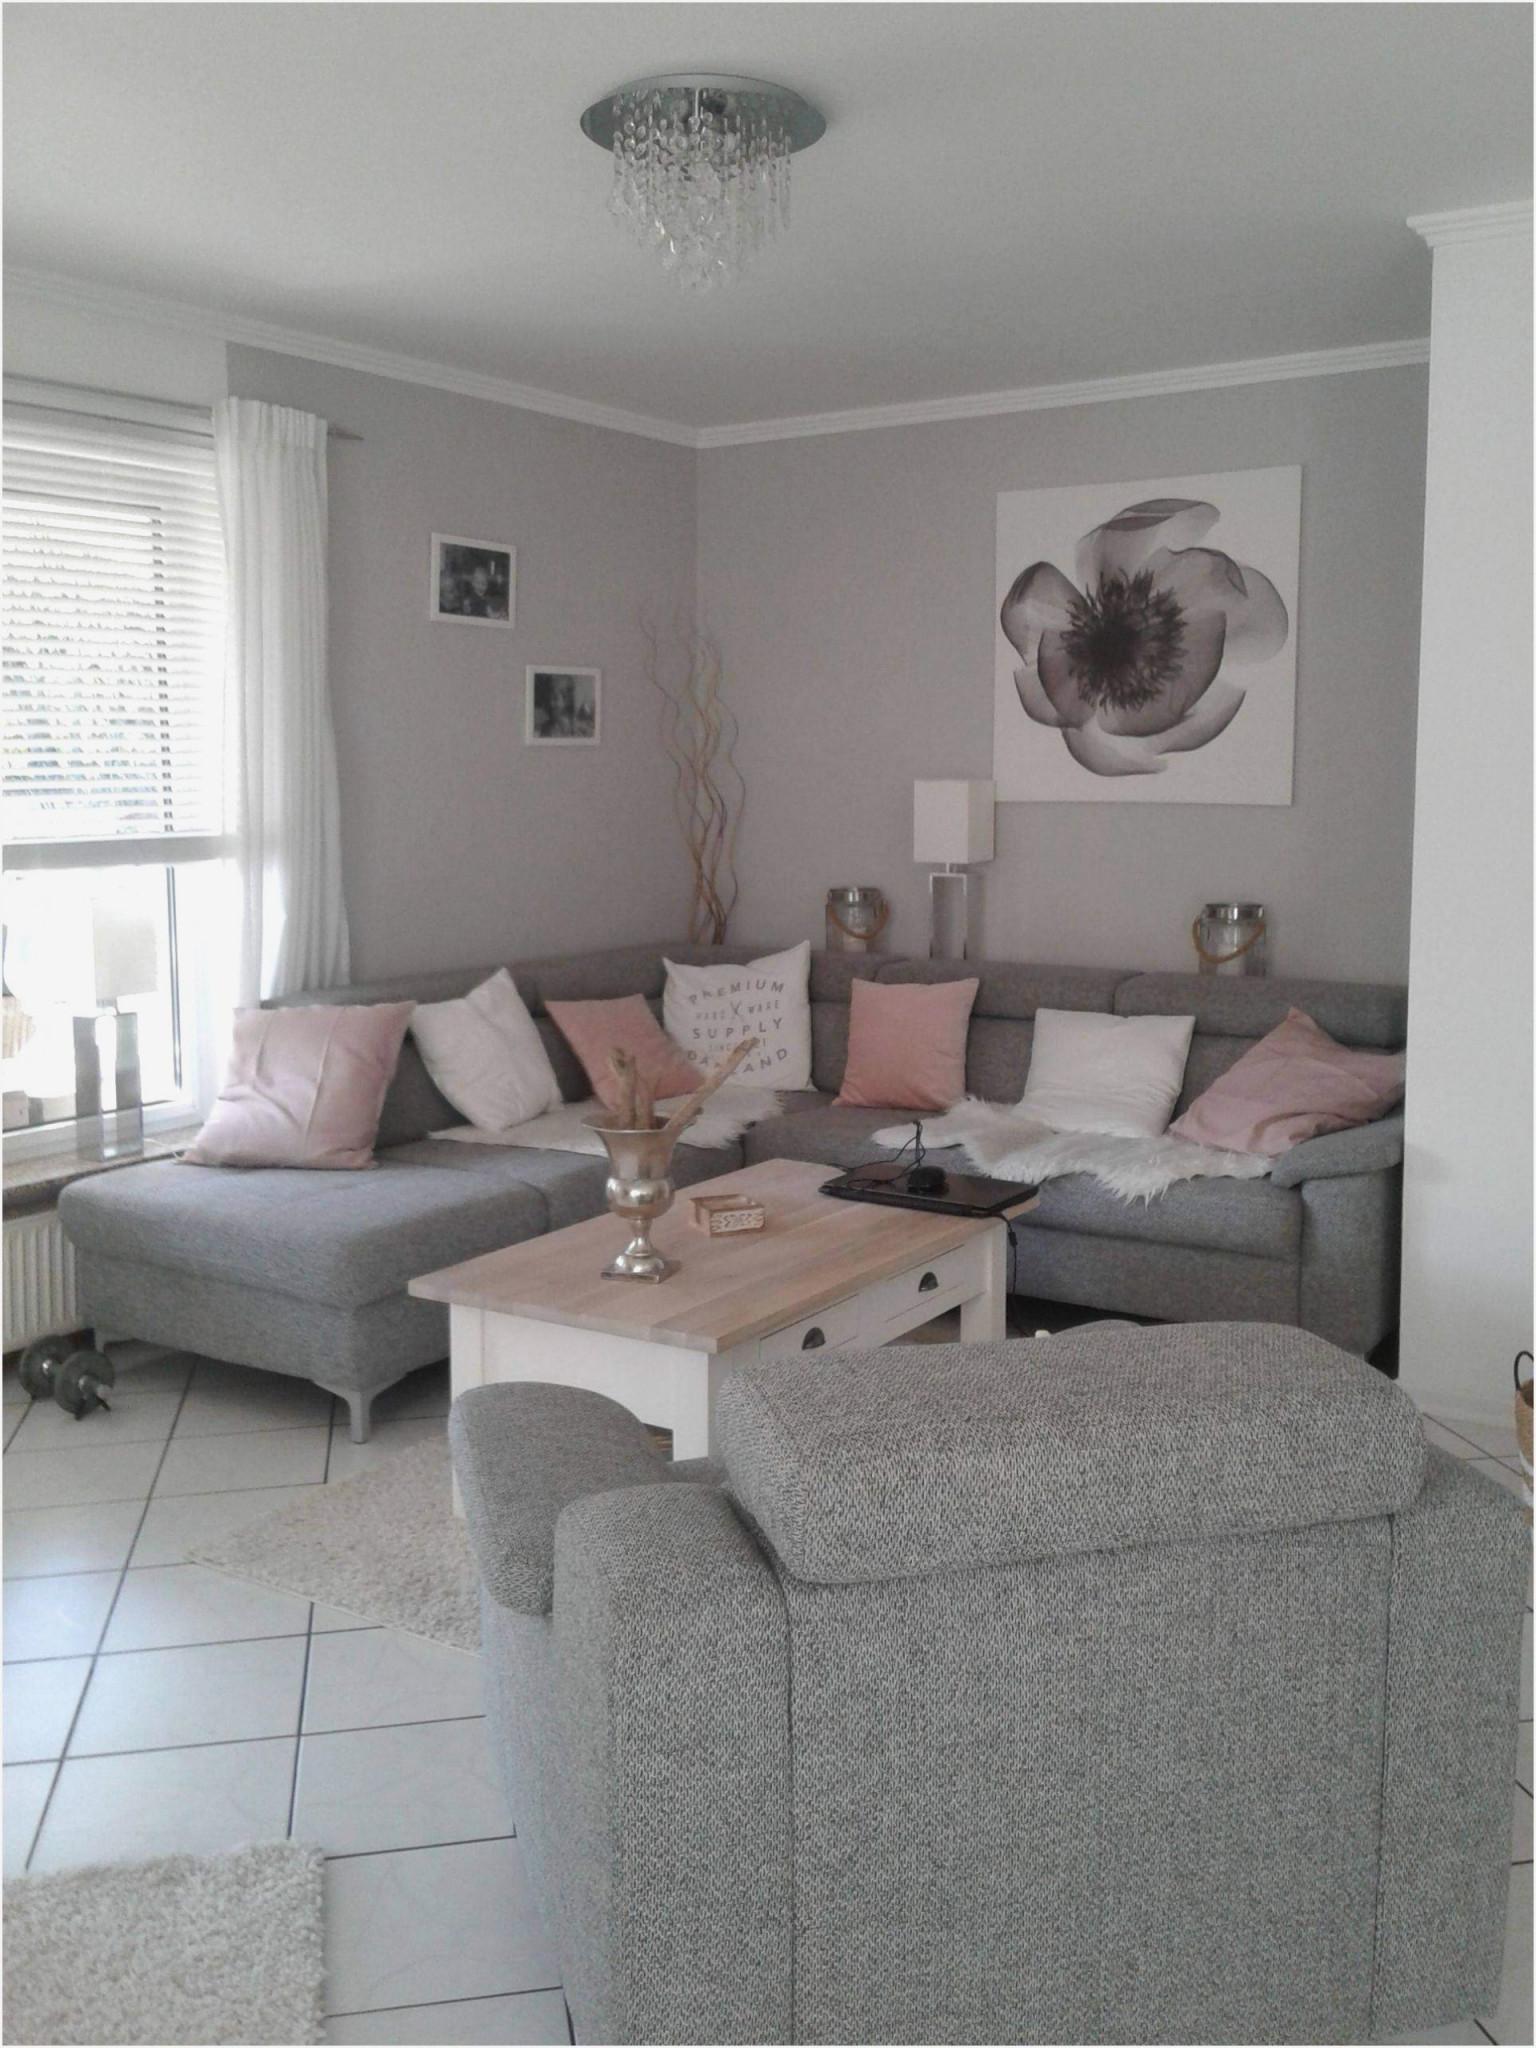 19 Graue Skandinavische Wohnzimmerideen Die Sie Definitiv von Wohnzimmer Deko Grau Rosa Photo